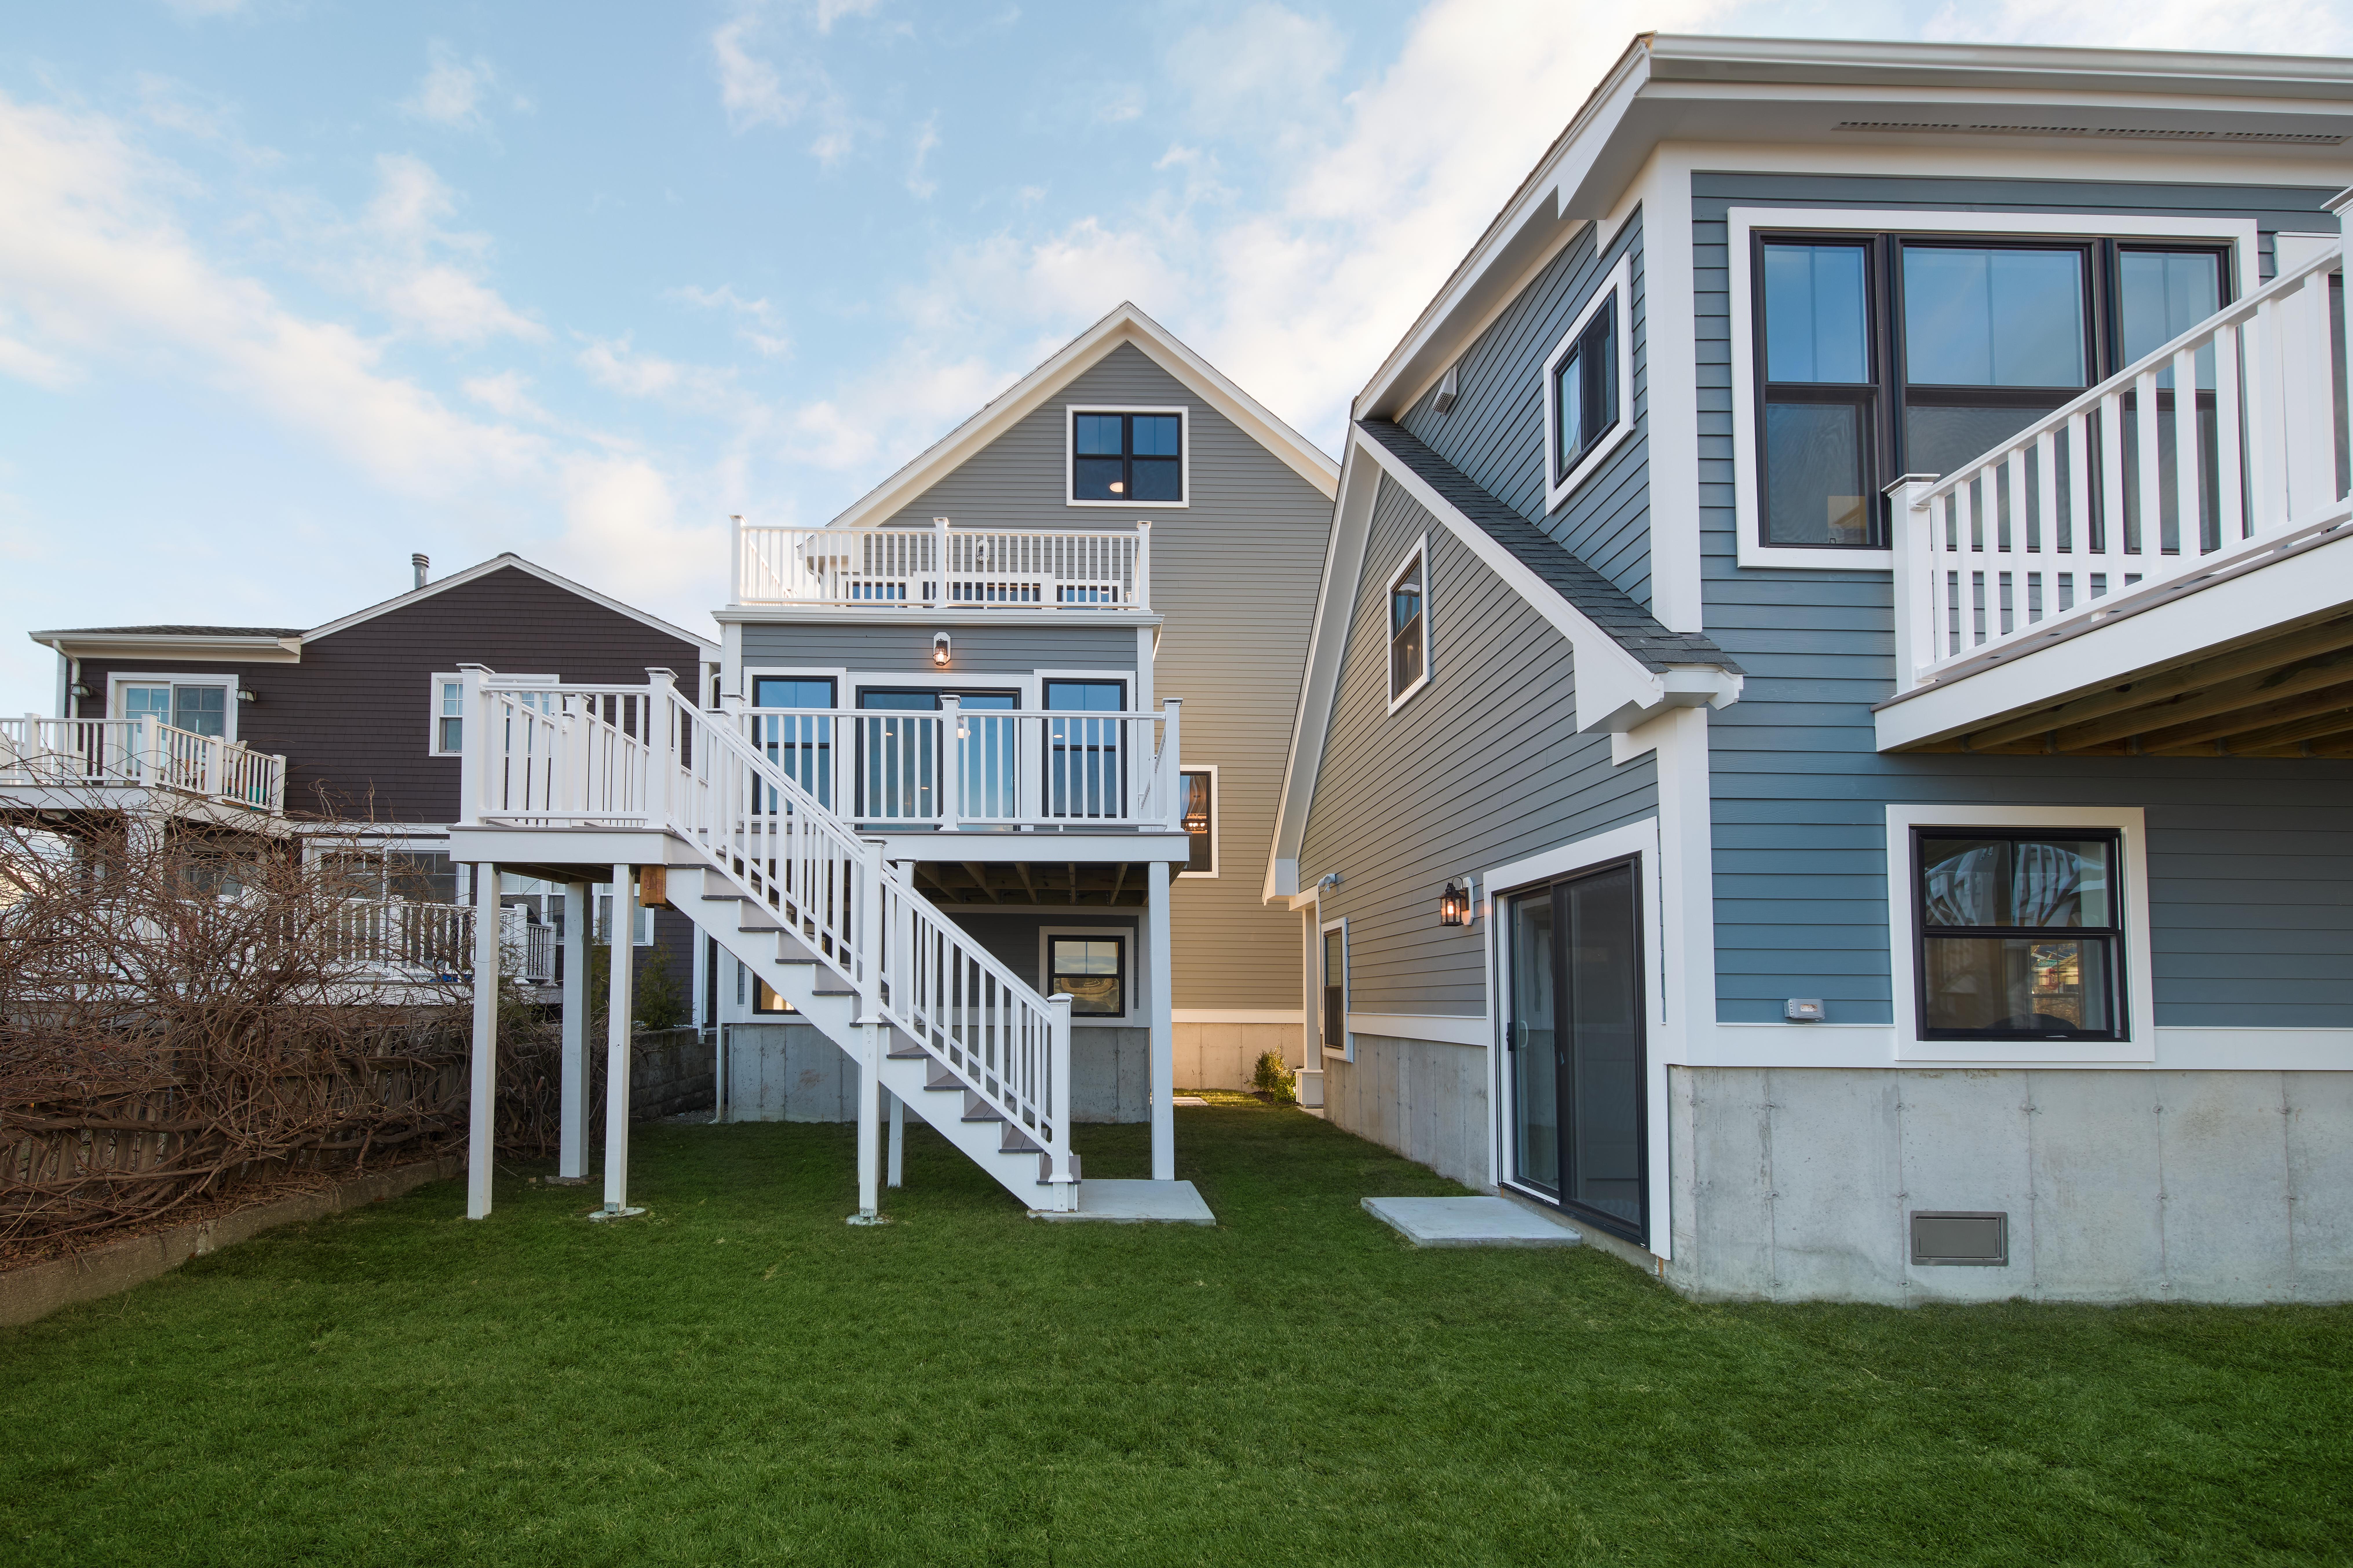 8-shoreside-unit-1-quincy-property